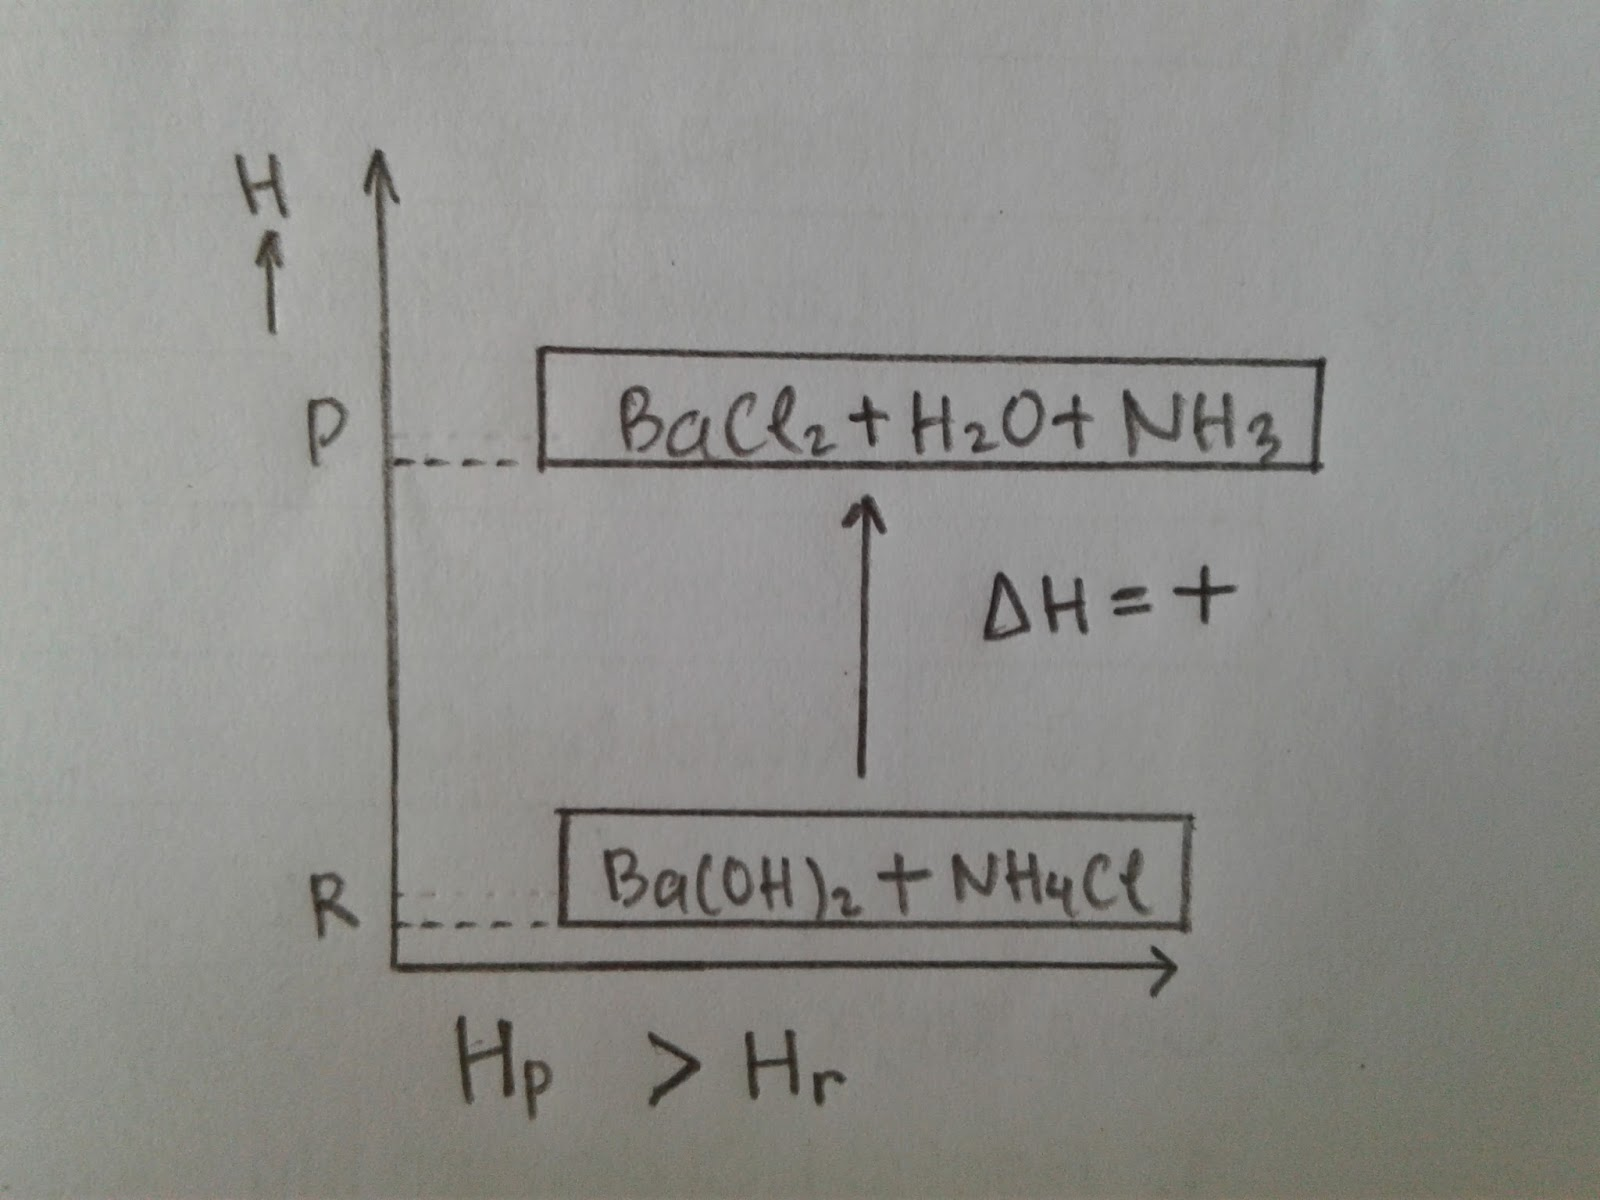 Contoh laporan praktikum kimia reaksi eksoterm dan endoterm 5 reaksi eksoterm adalah reaksi kimia yang menghasilkan atau melepaskan kalor kalor mengalami perpindahan dari sistem ke lingkungan kalor dibebaskan ccuart Gallery